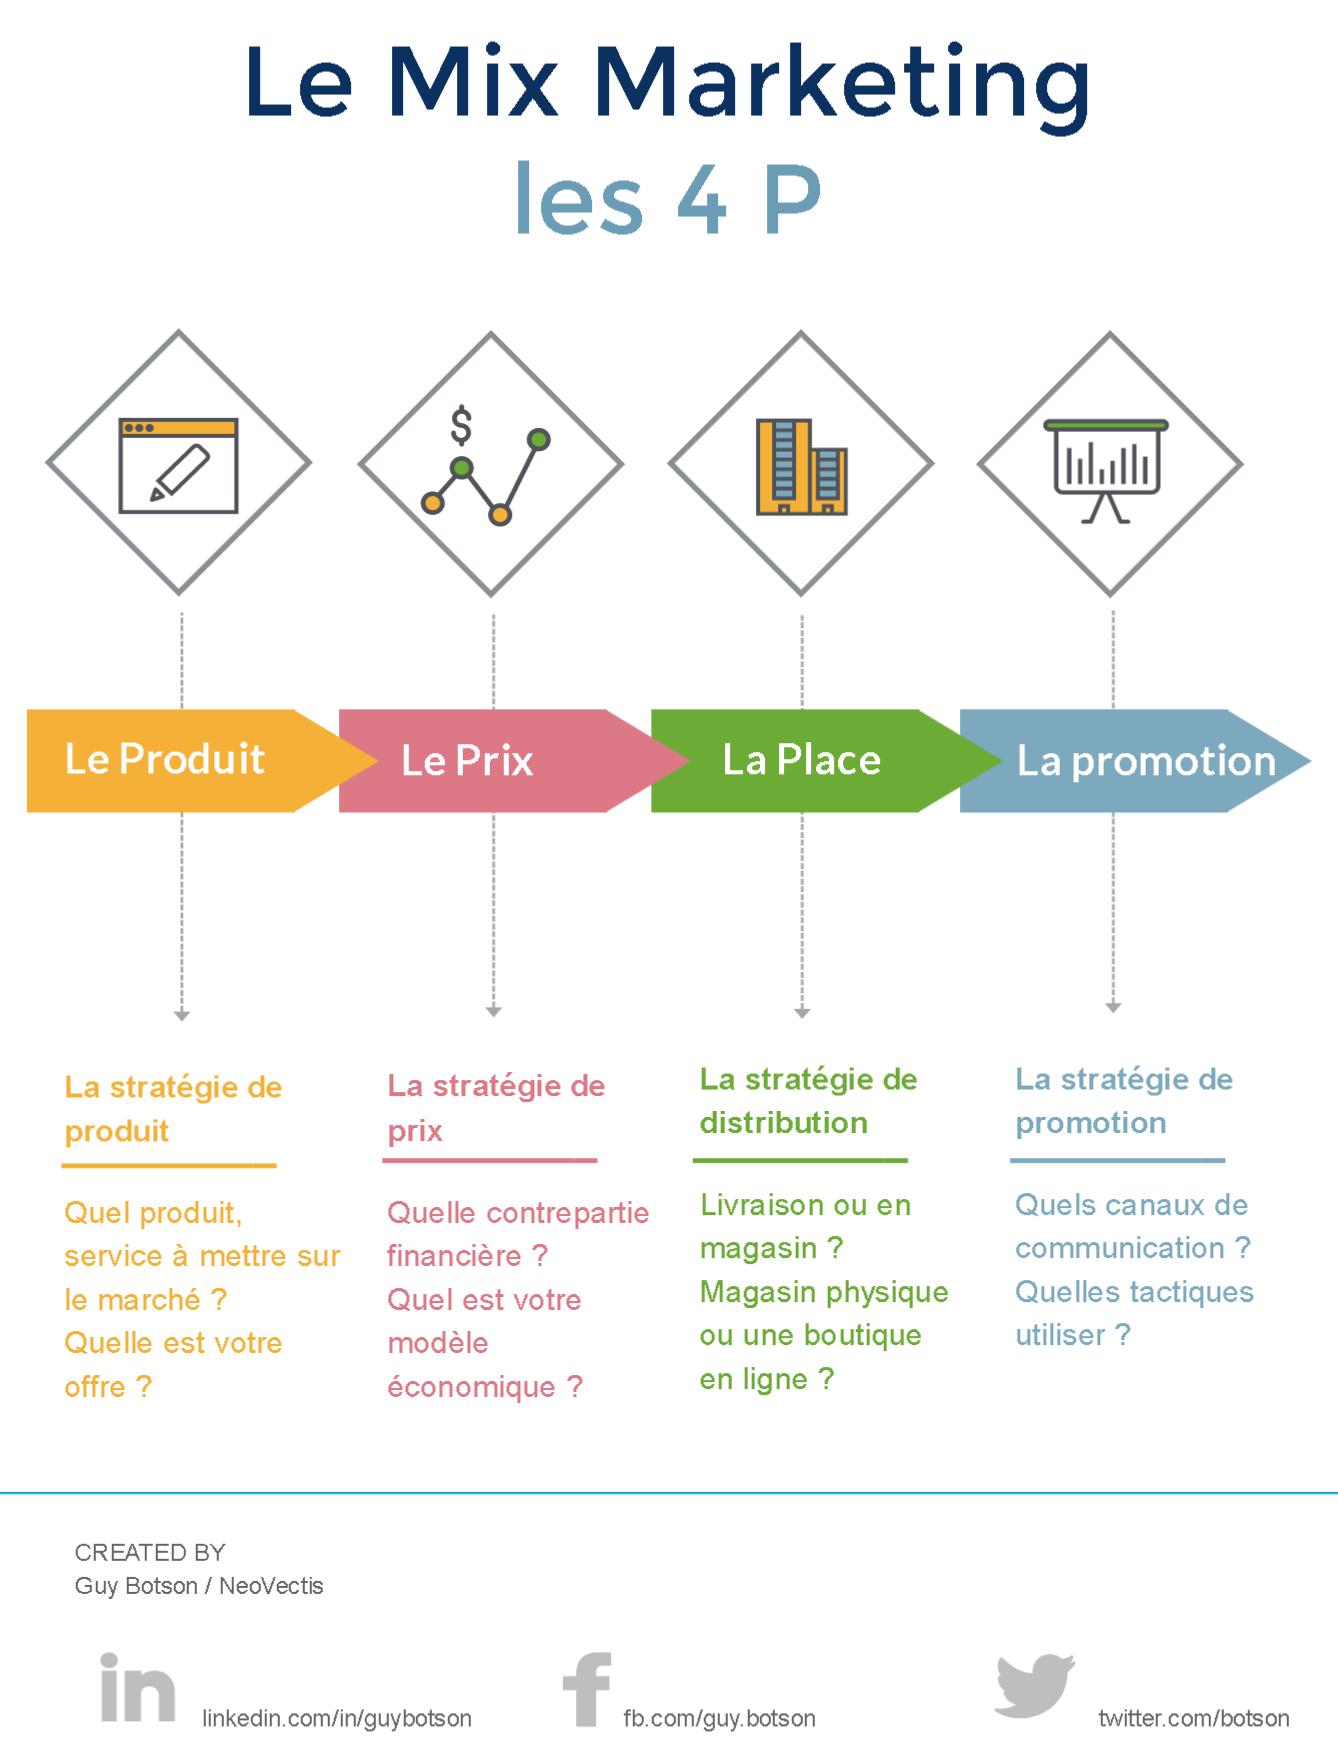 Le Mix Marketing Ou La Strategie Des 4p Marketing Mixmarketing 4p